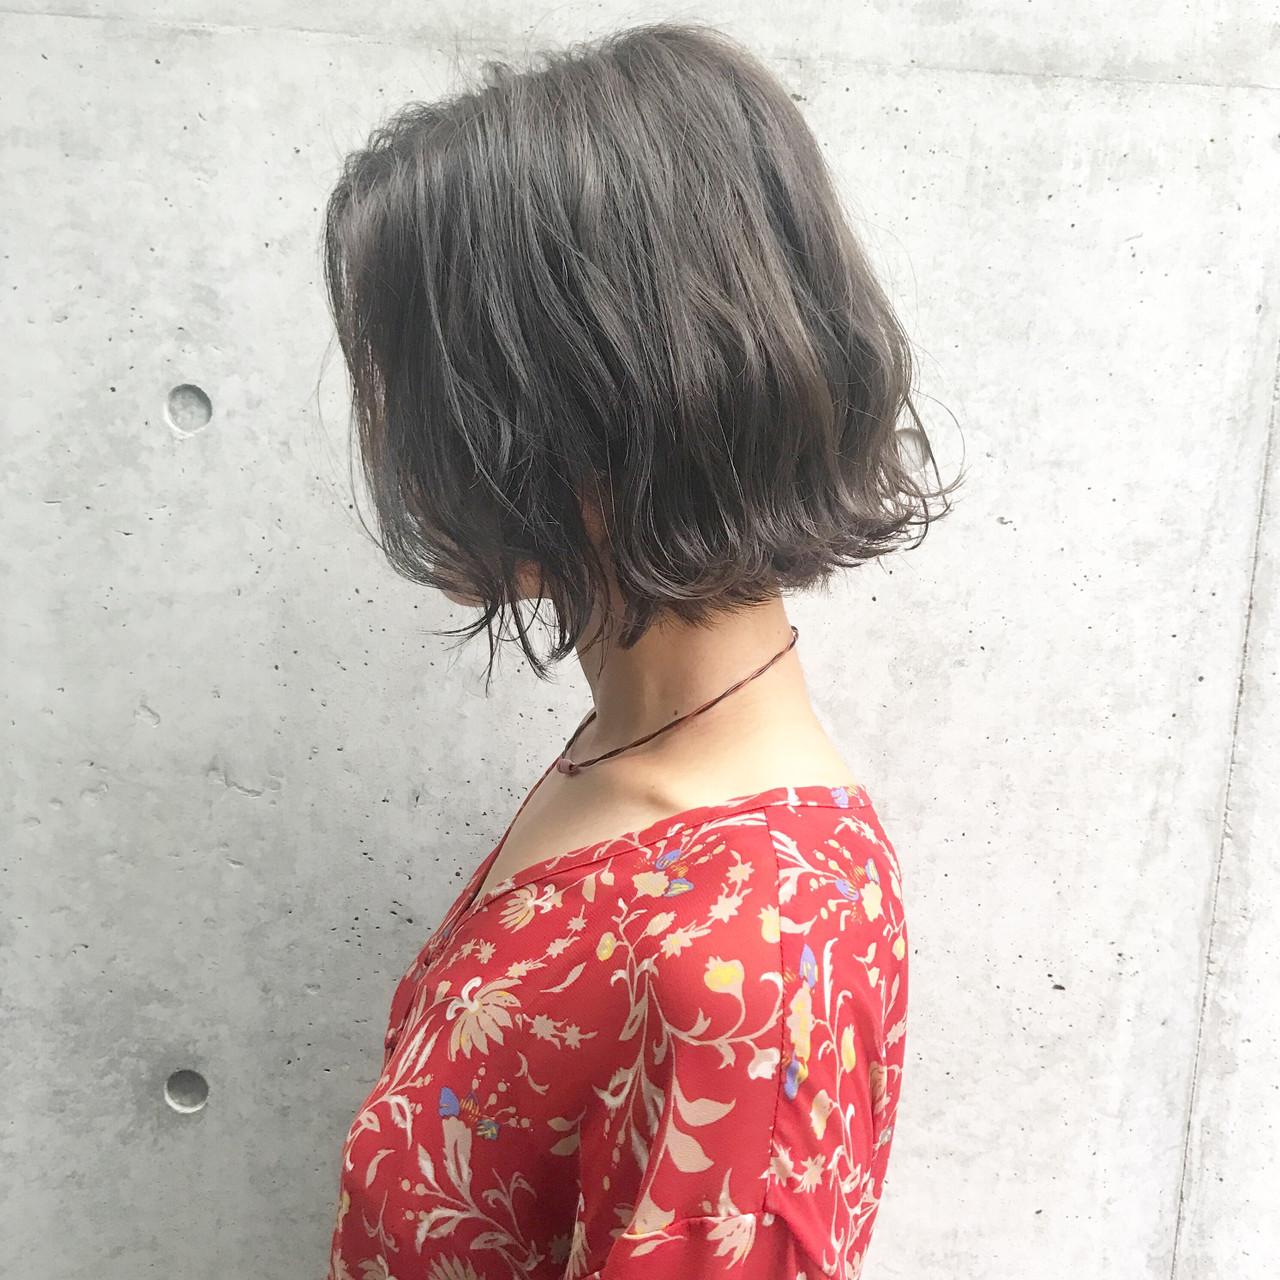 結婚式 ナチュラル ボブ アンニュイほつれヘア ヘアスタイルや髪型の写真・画像 | 高田 興 / レジーロ